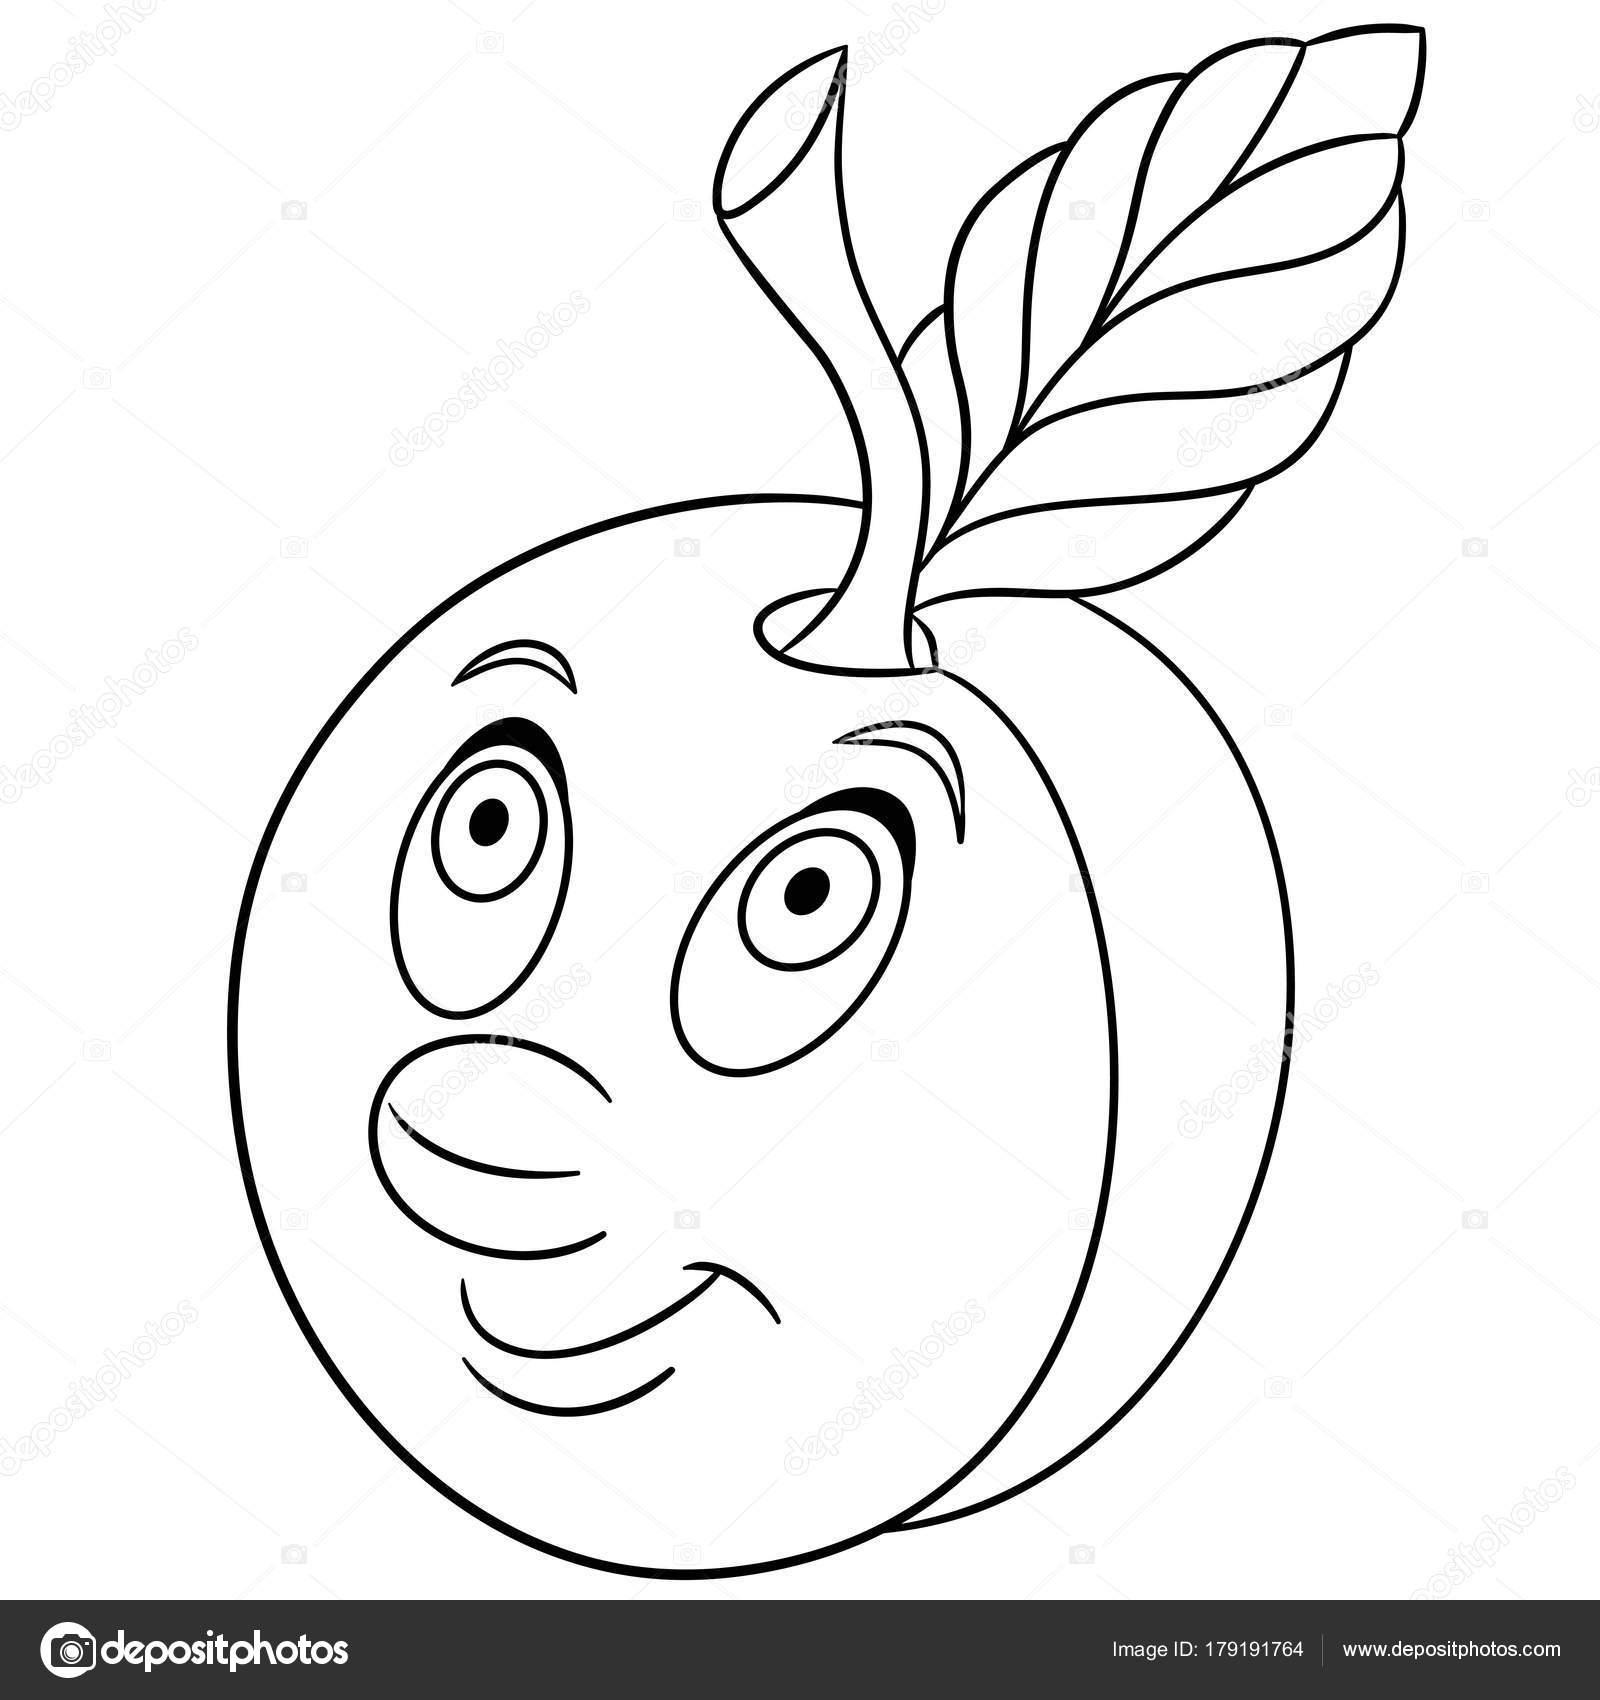 Boyama Kitabı Boyama Sayfası Erik Karakter Karikatür Mutlu